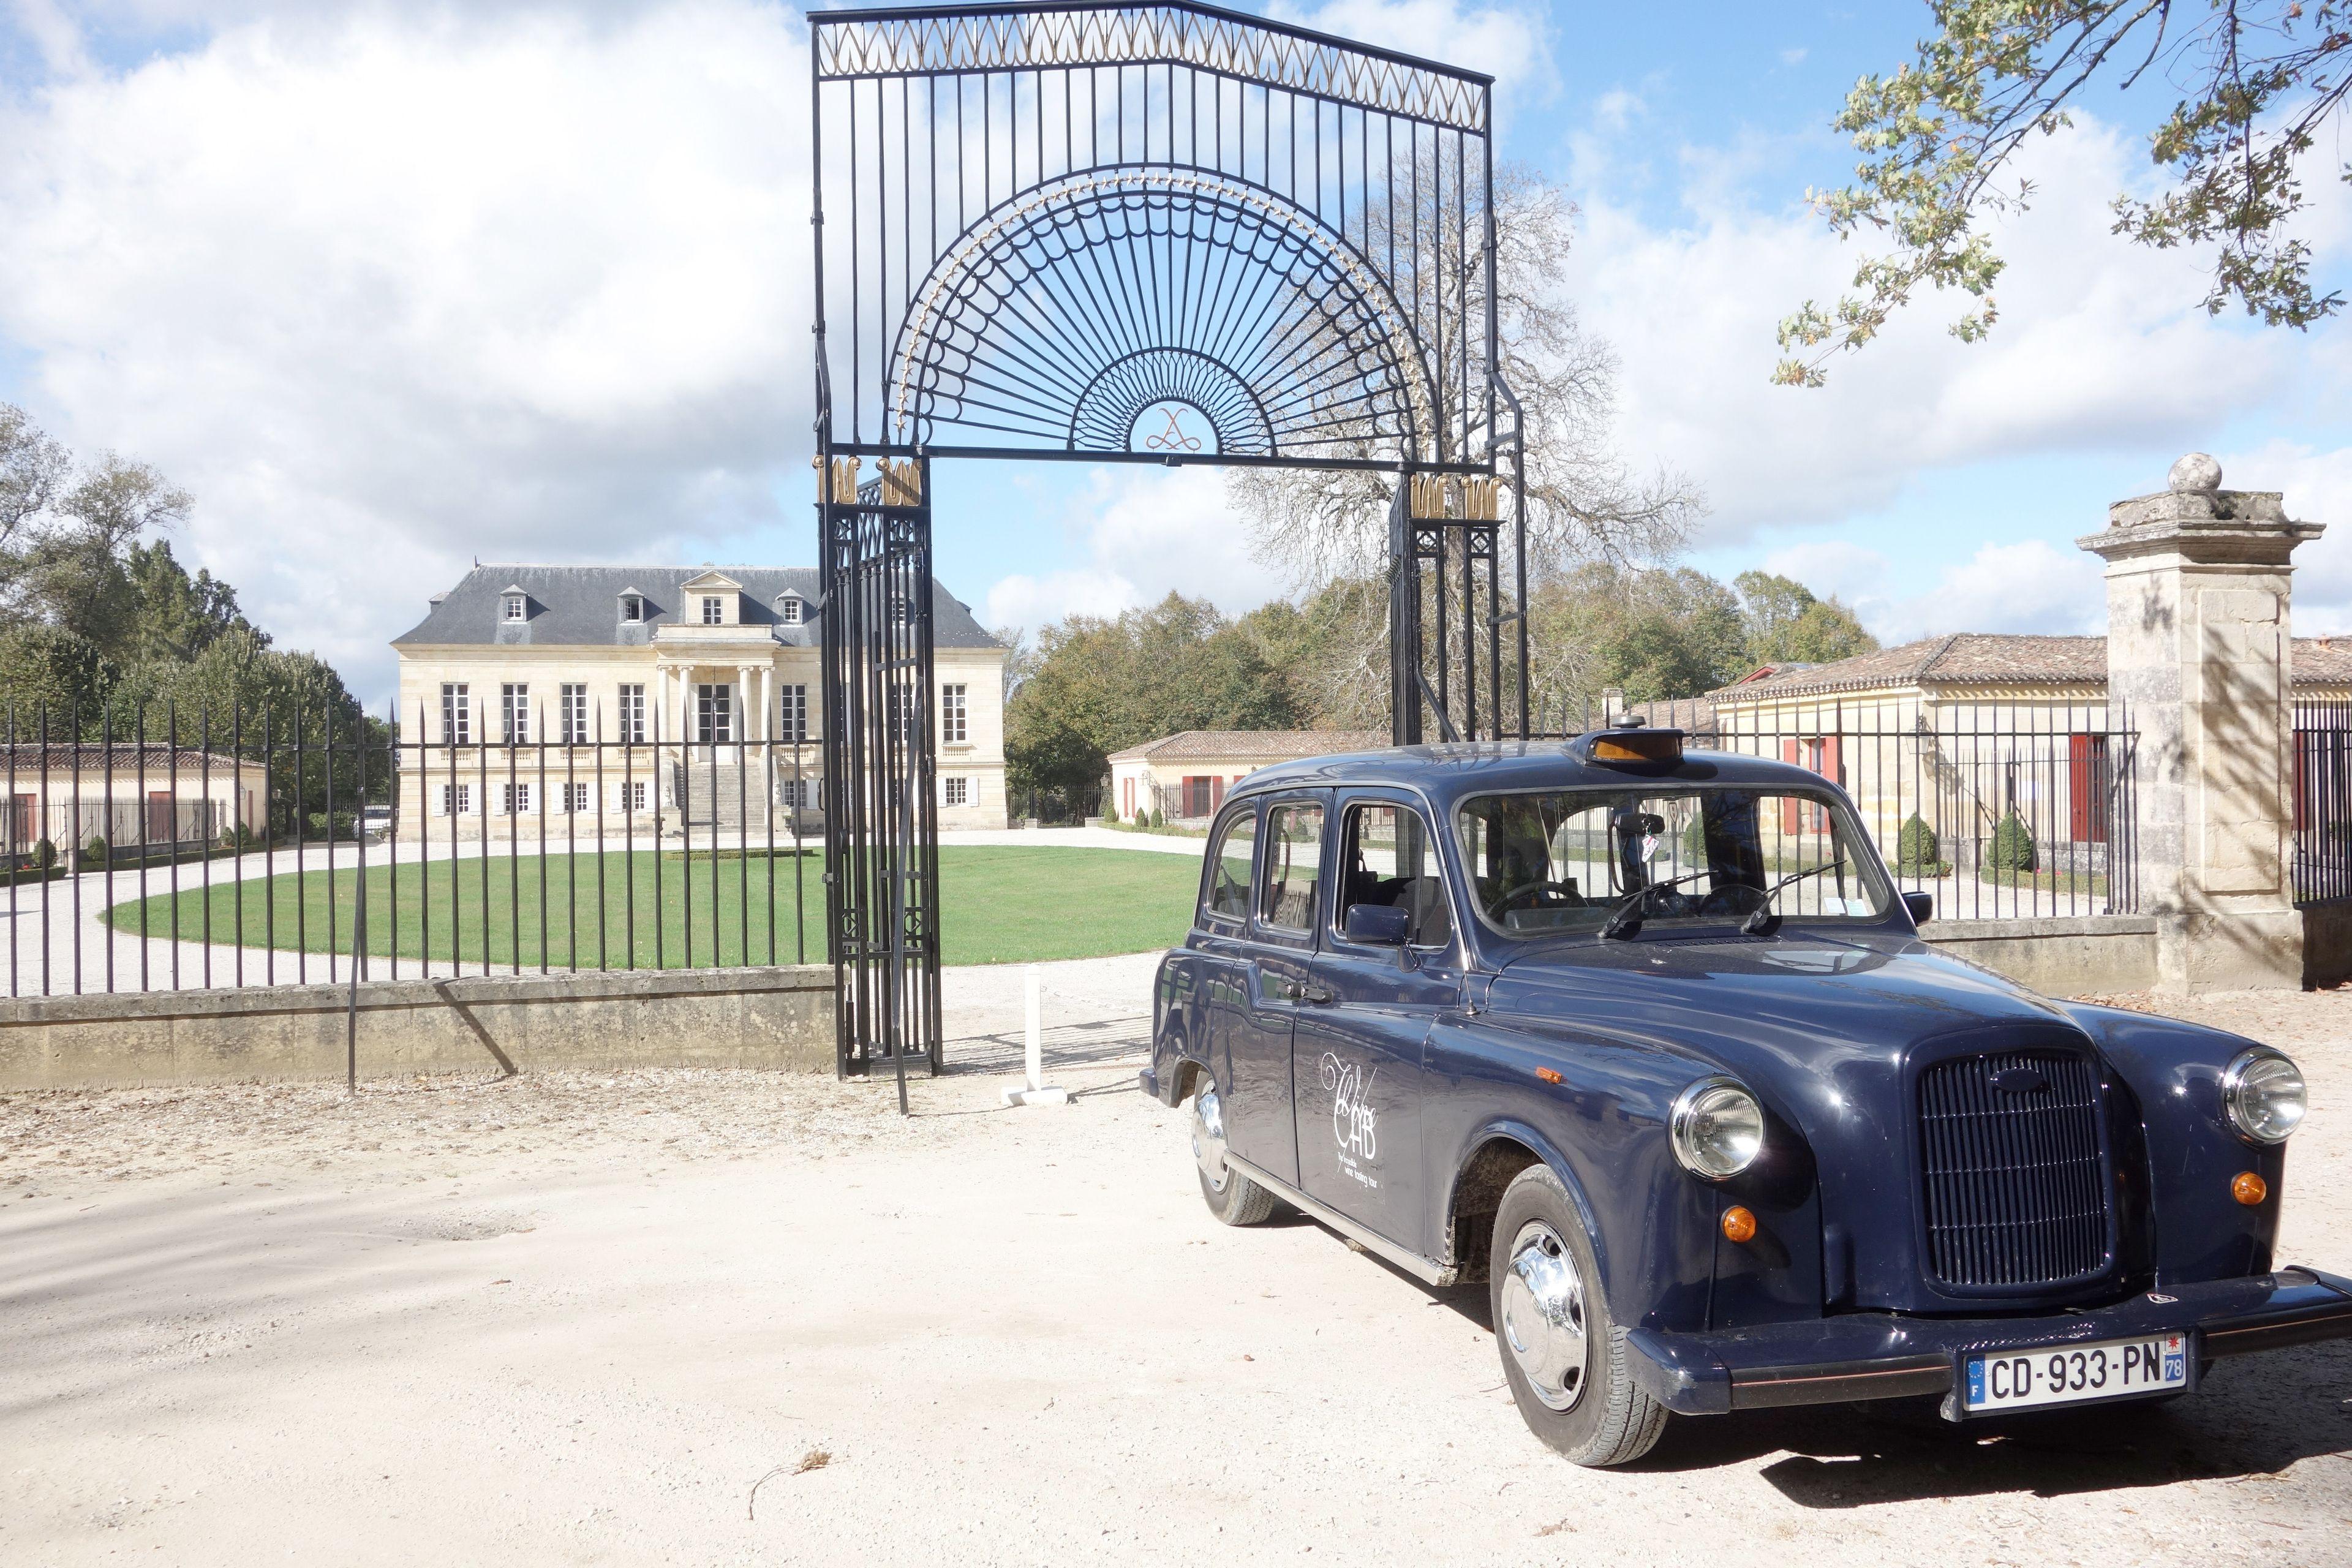 Antique car at Saint Emilion winery